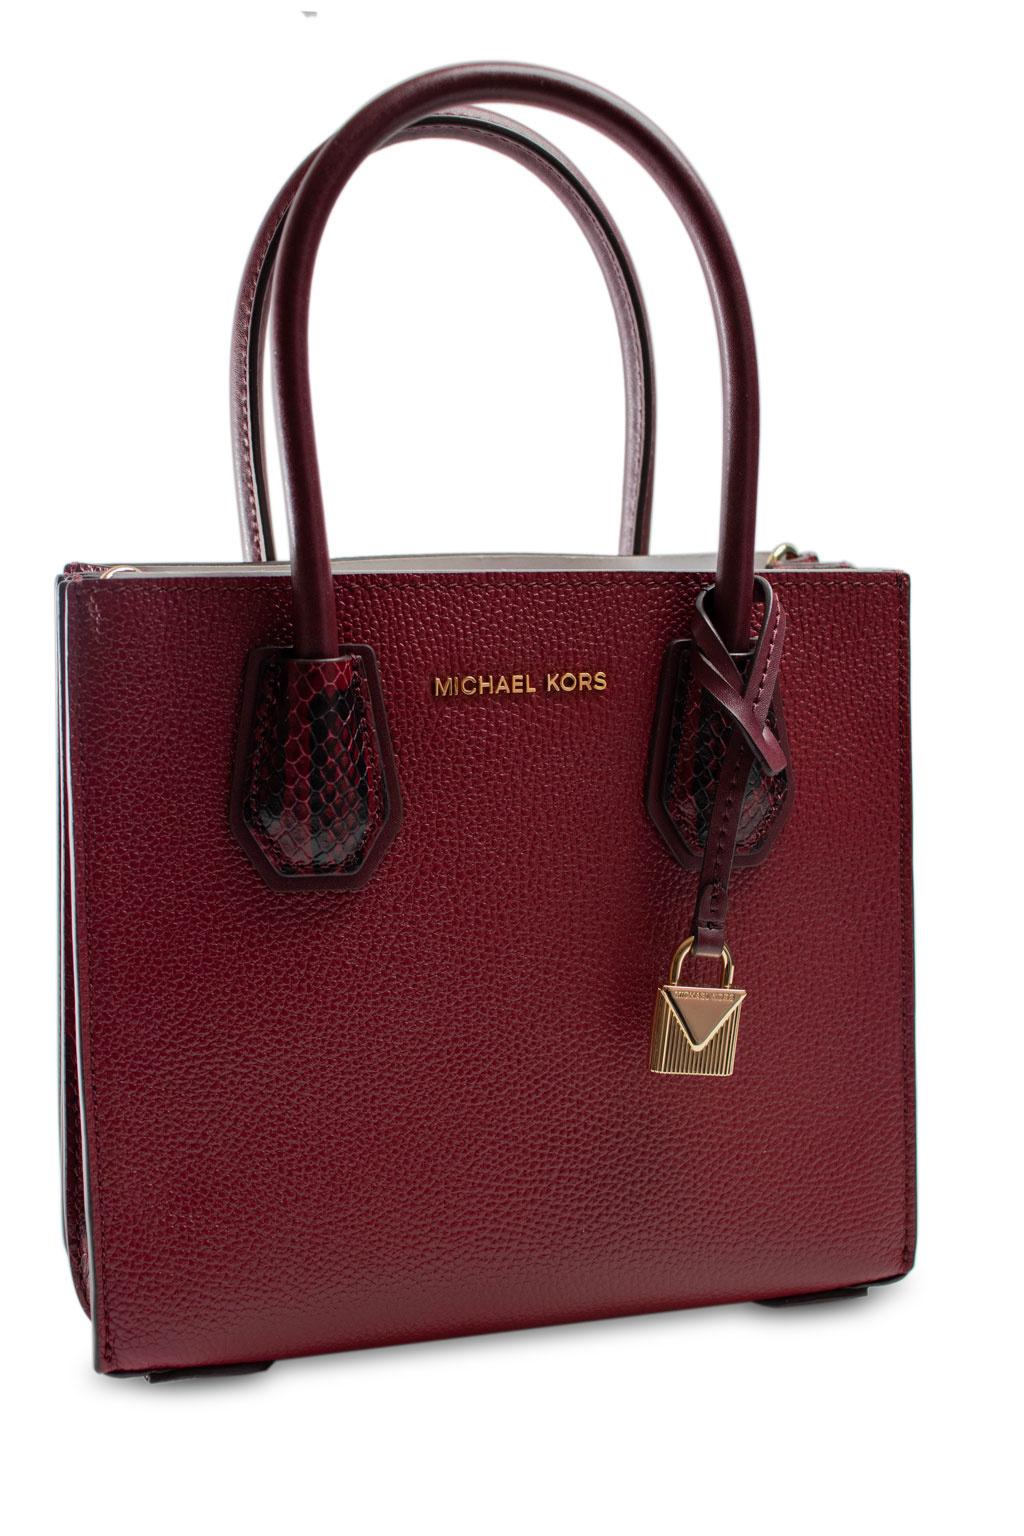 Handtasche Michael Kors Kleine | Preisvergleich für